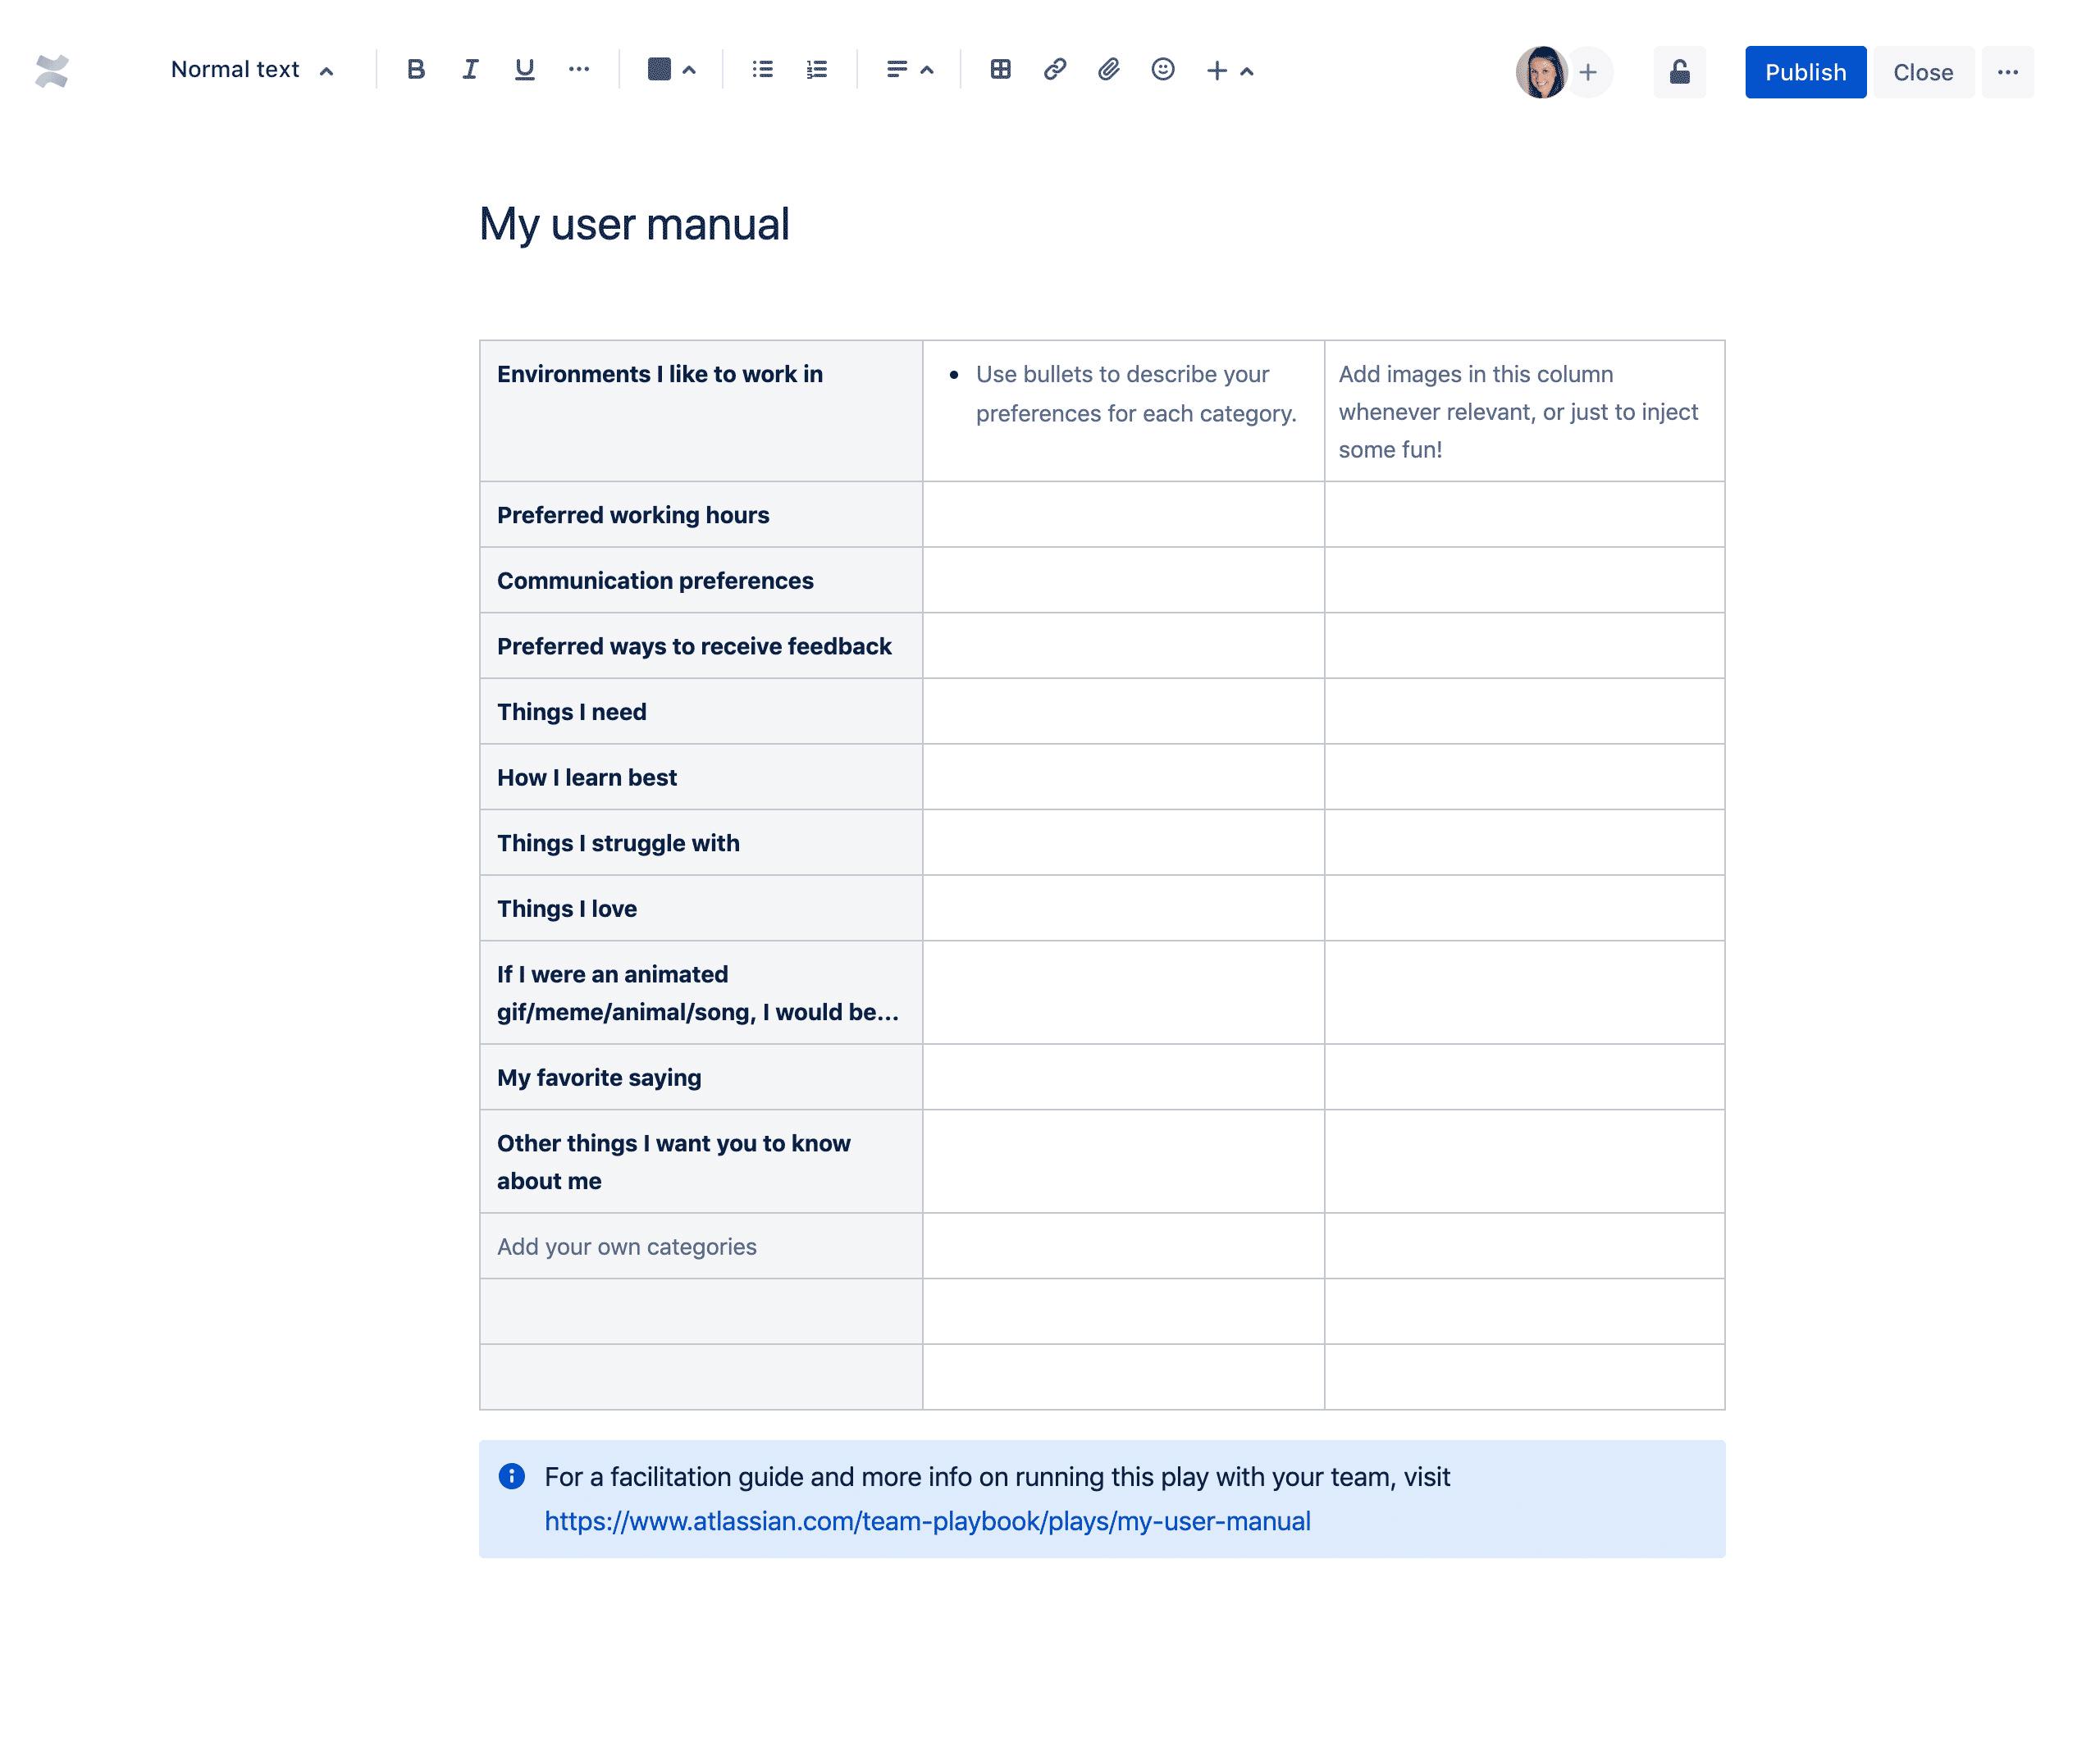 Vorlage: Mein Benutzerhandbuch